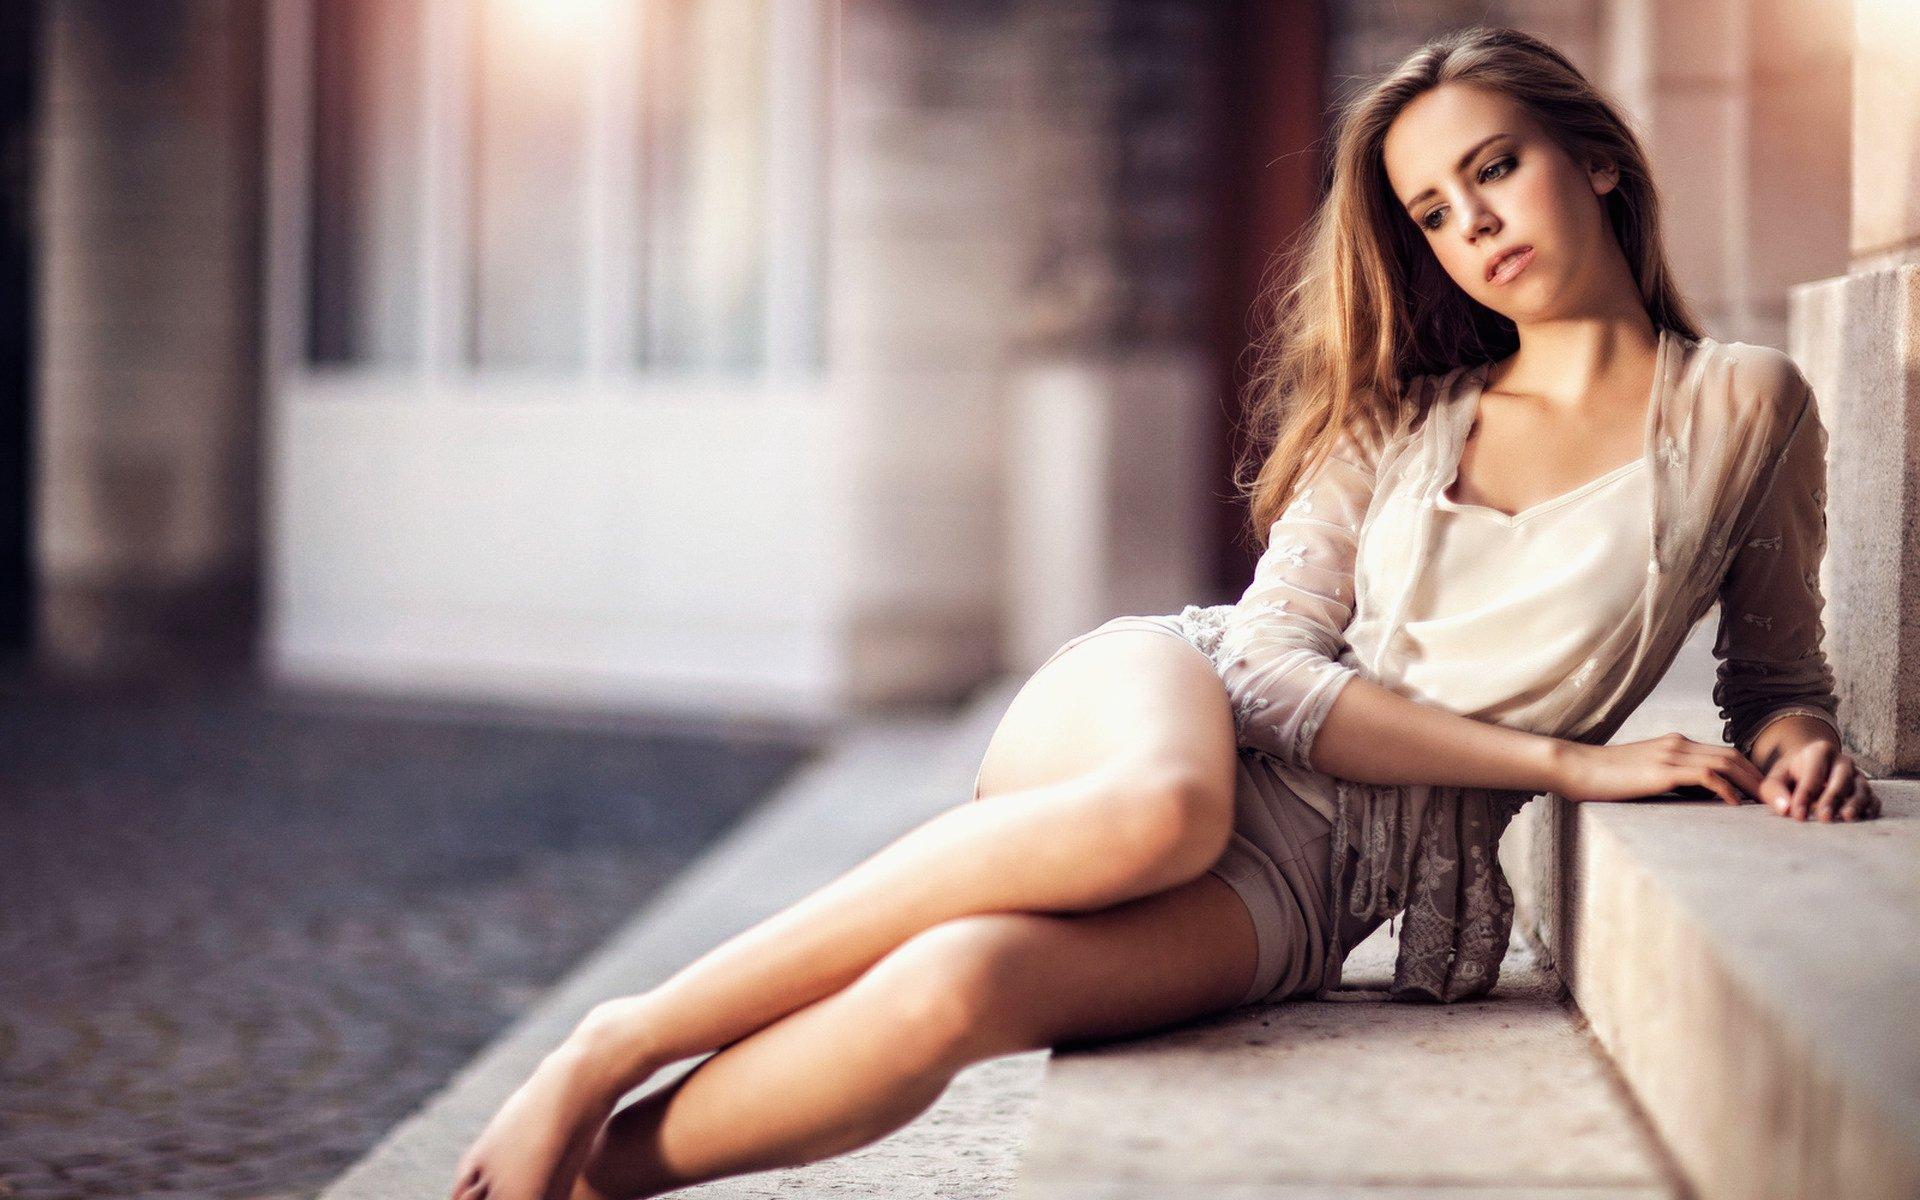 девушка в красивой позе невероятно